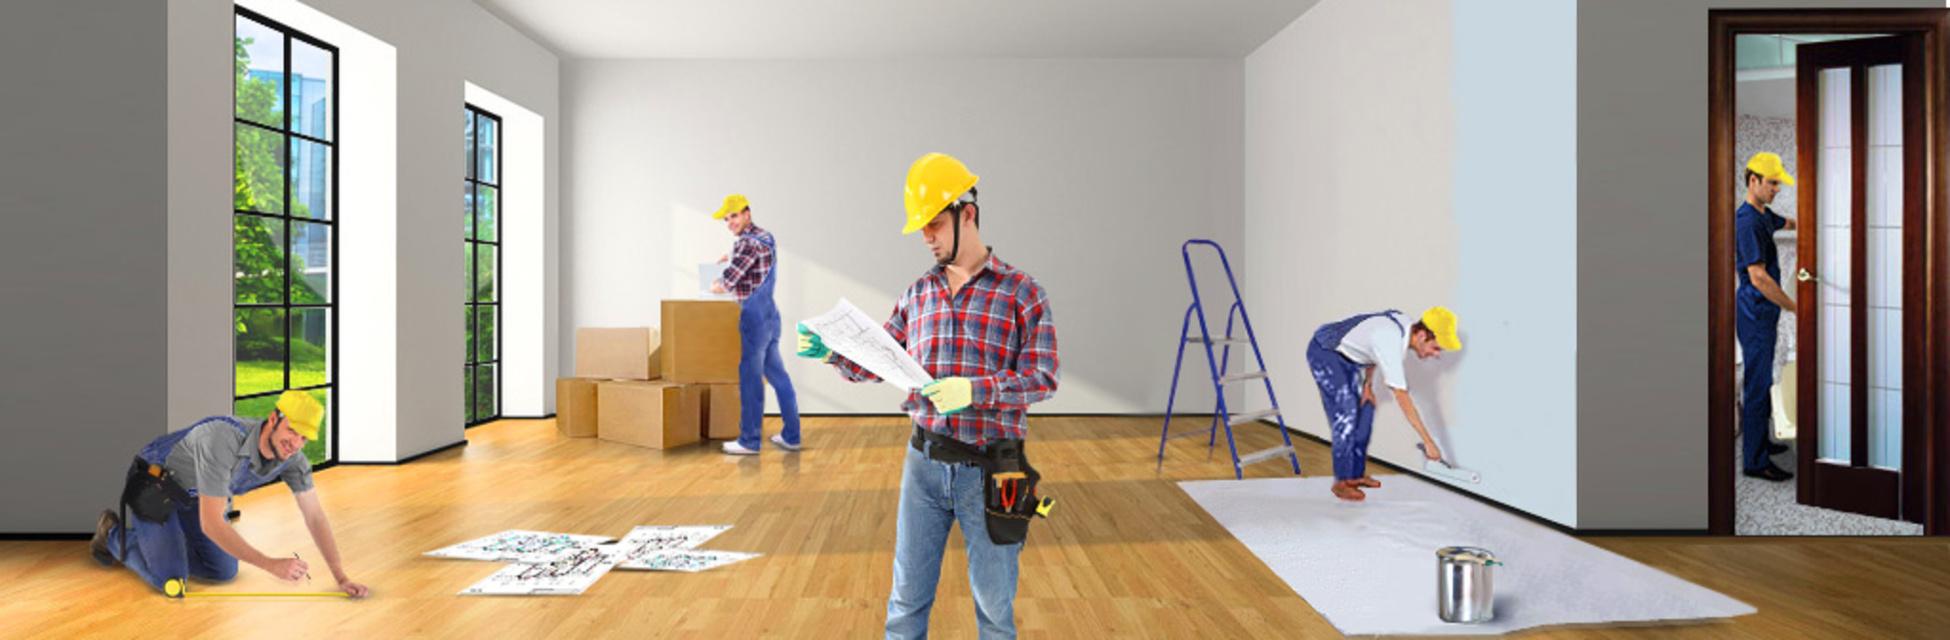 ипотечный кредит на покупку участка с домом